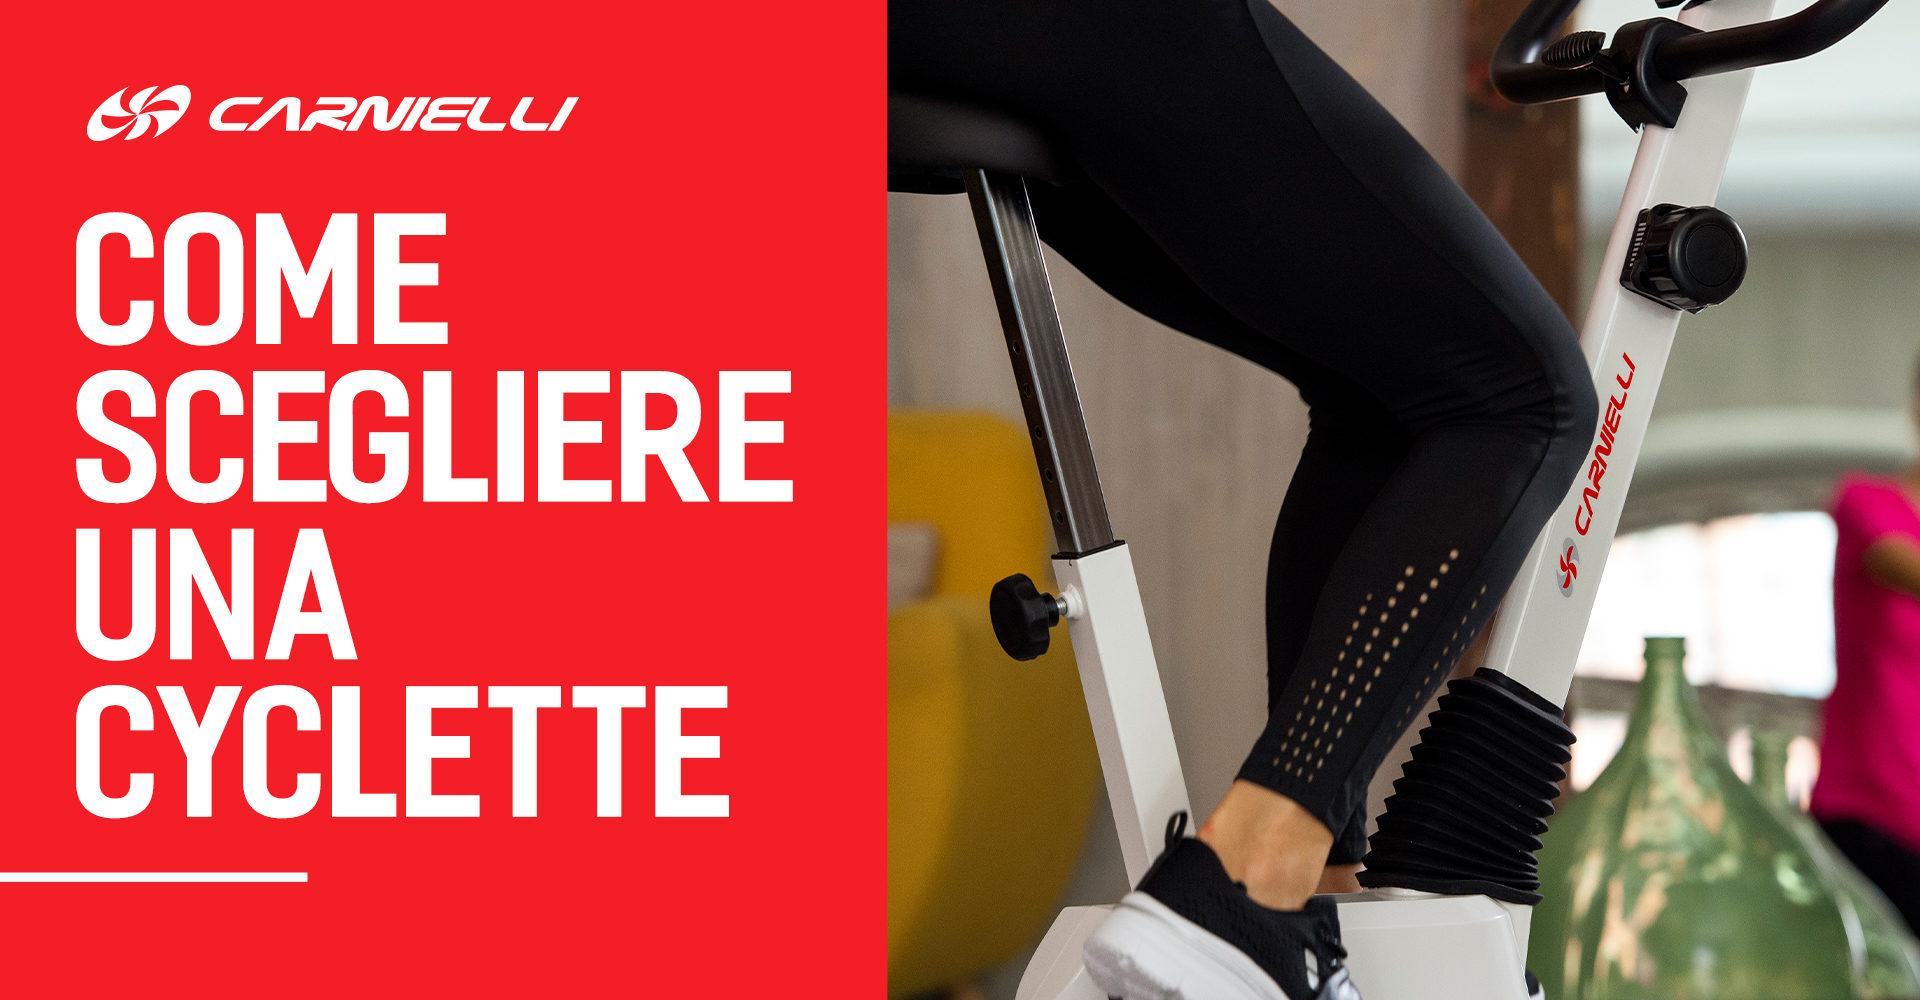 COME SCEGLIERE CYCLETTE